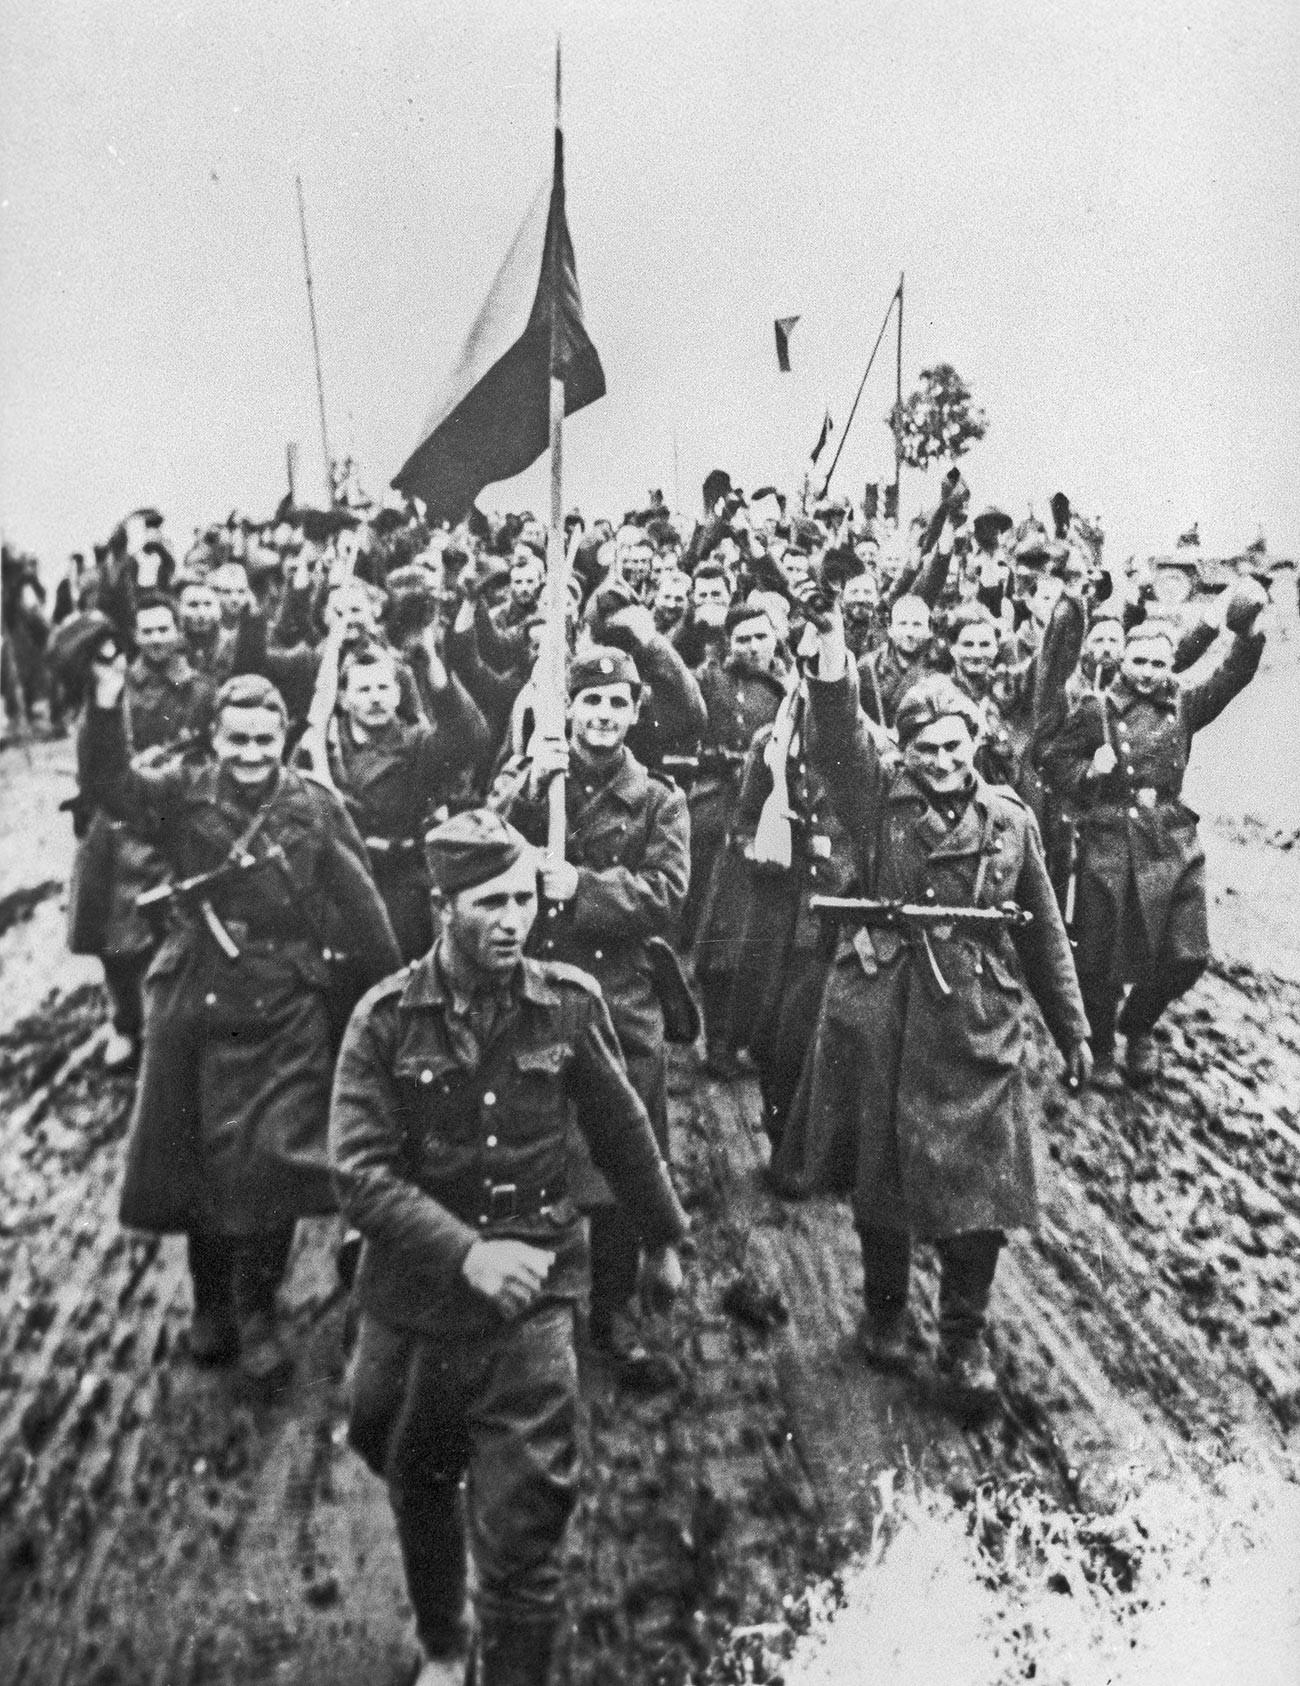 Soldats du 1er corps de l'armée tchécoslovaque